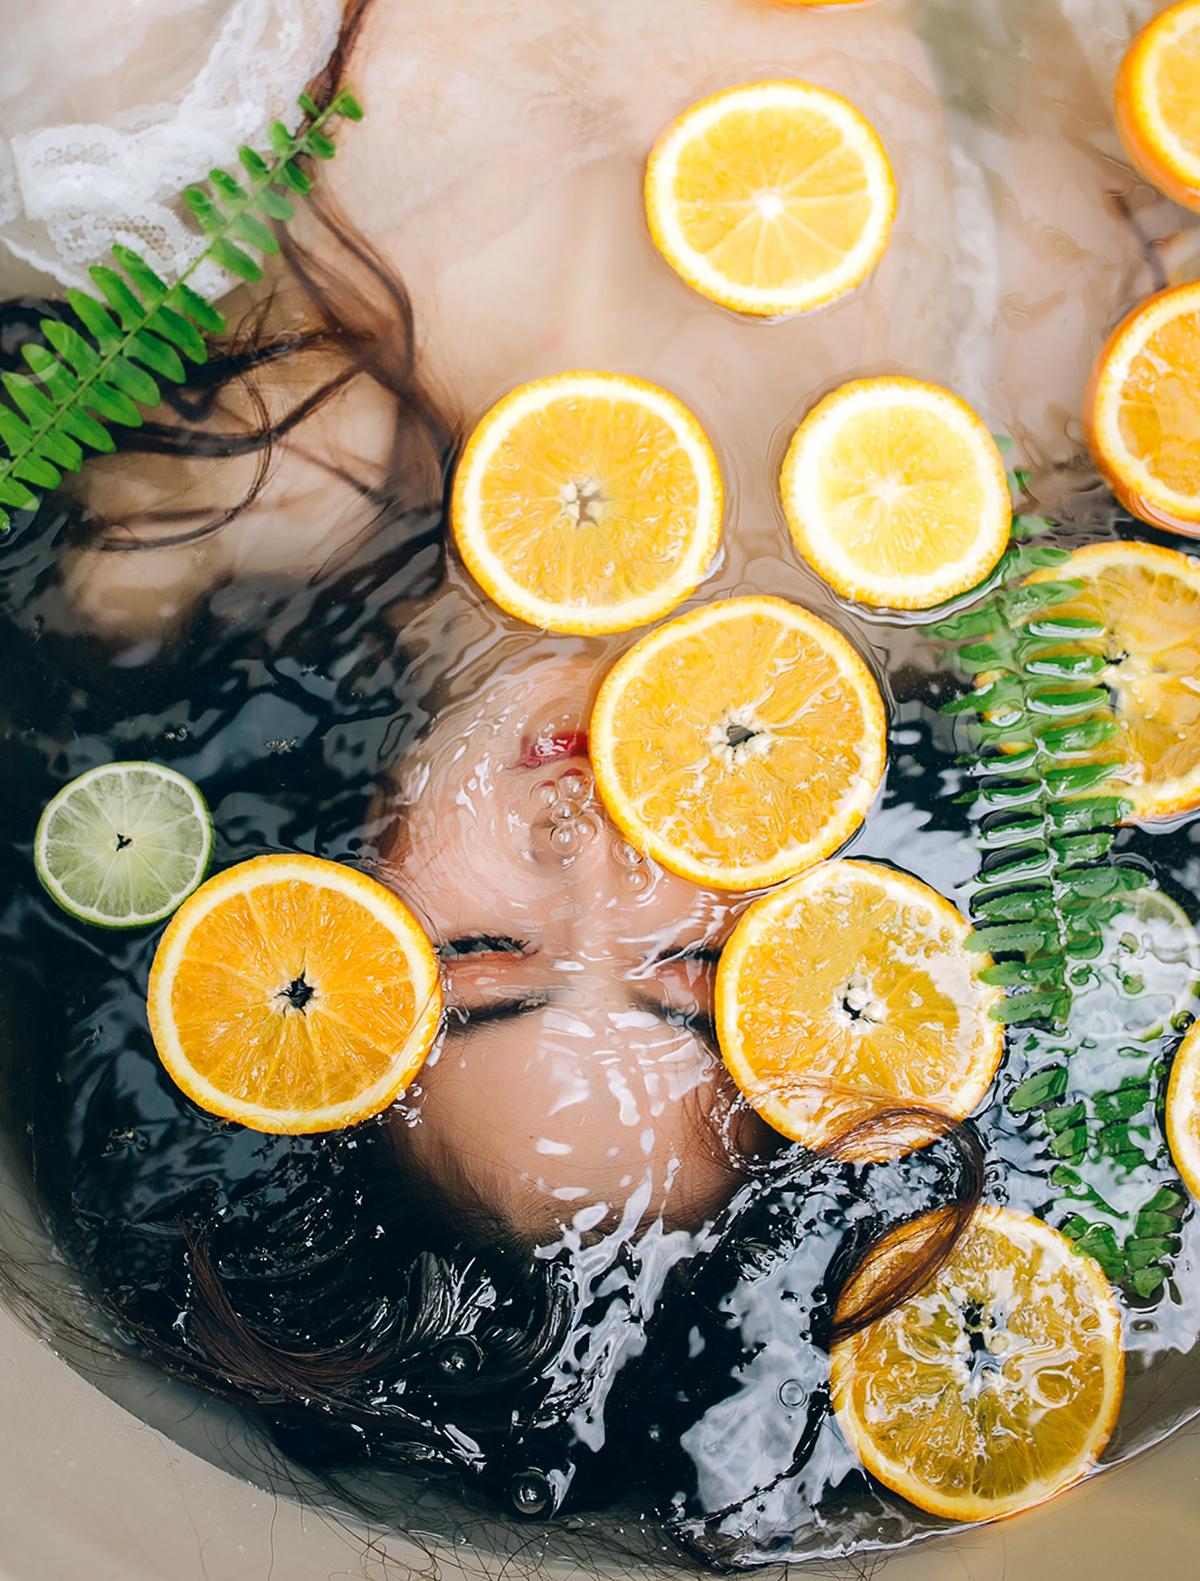 Empowerment and lemons - making lemonade